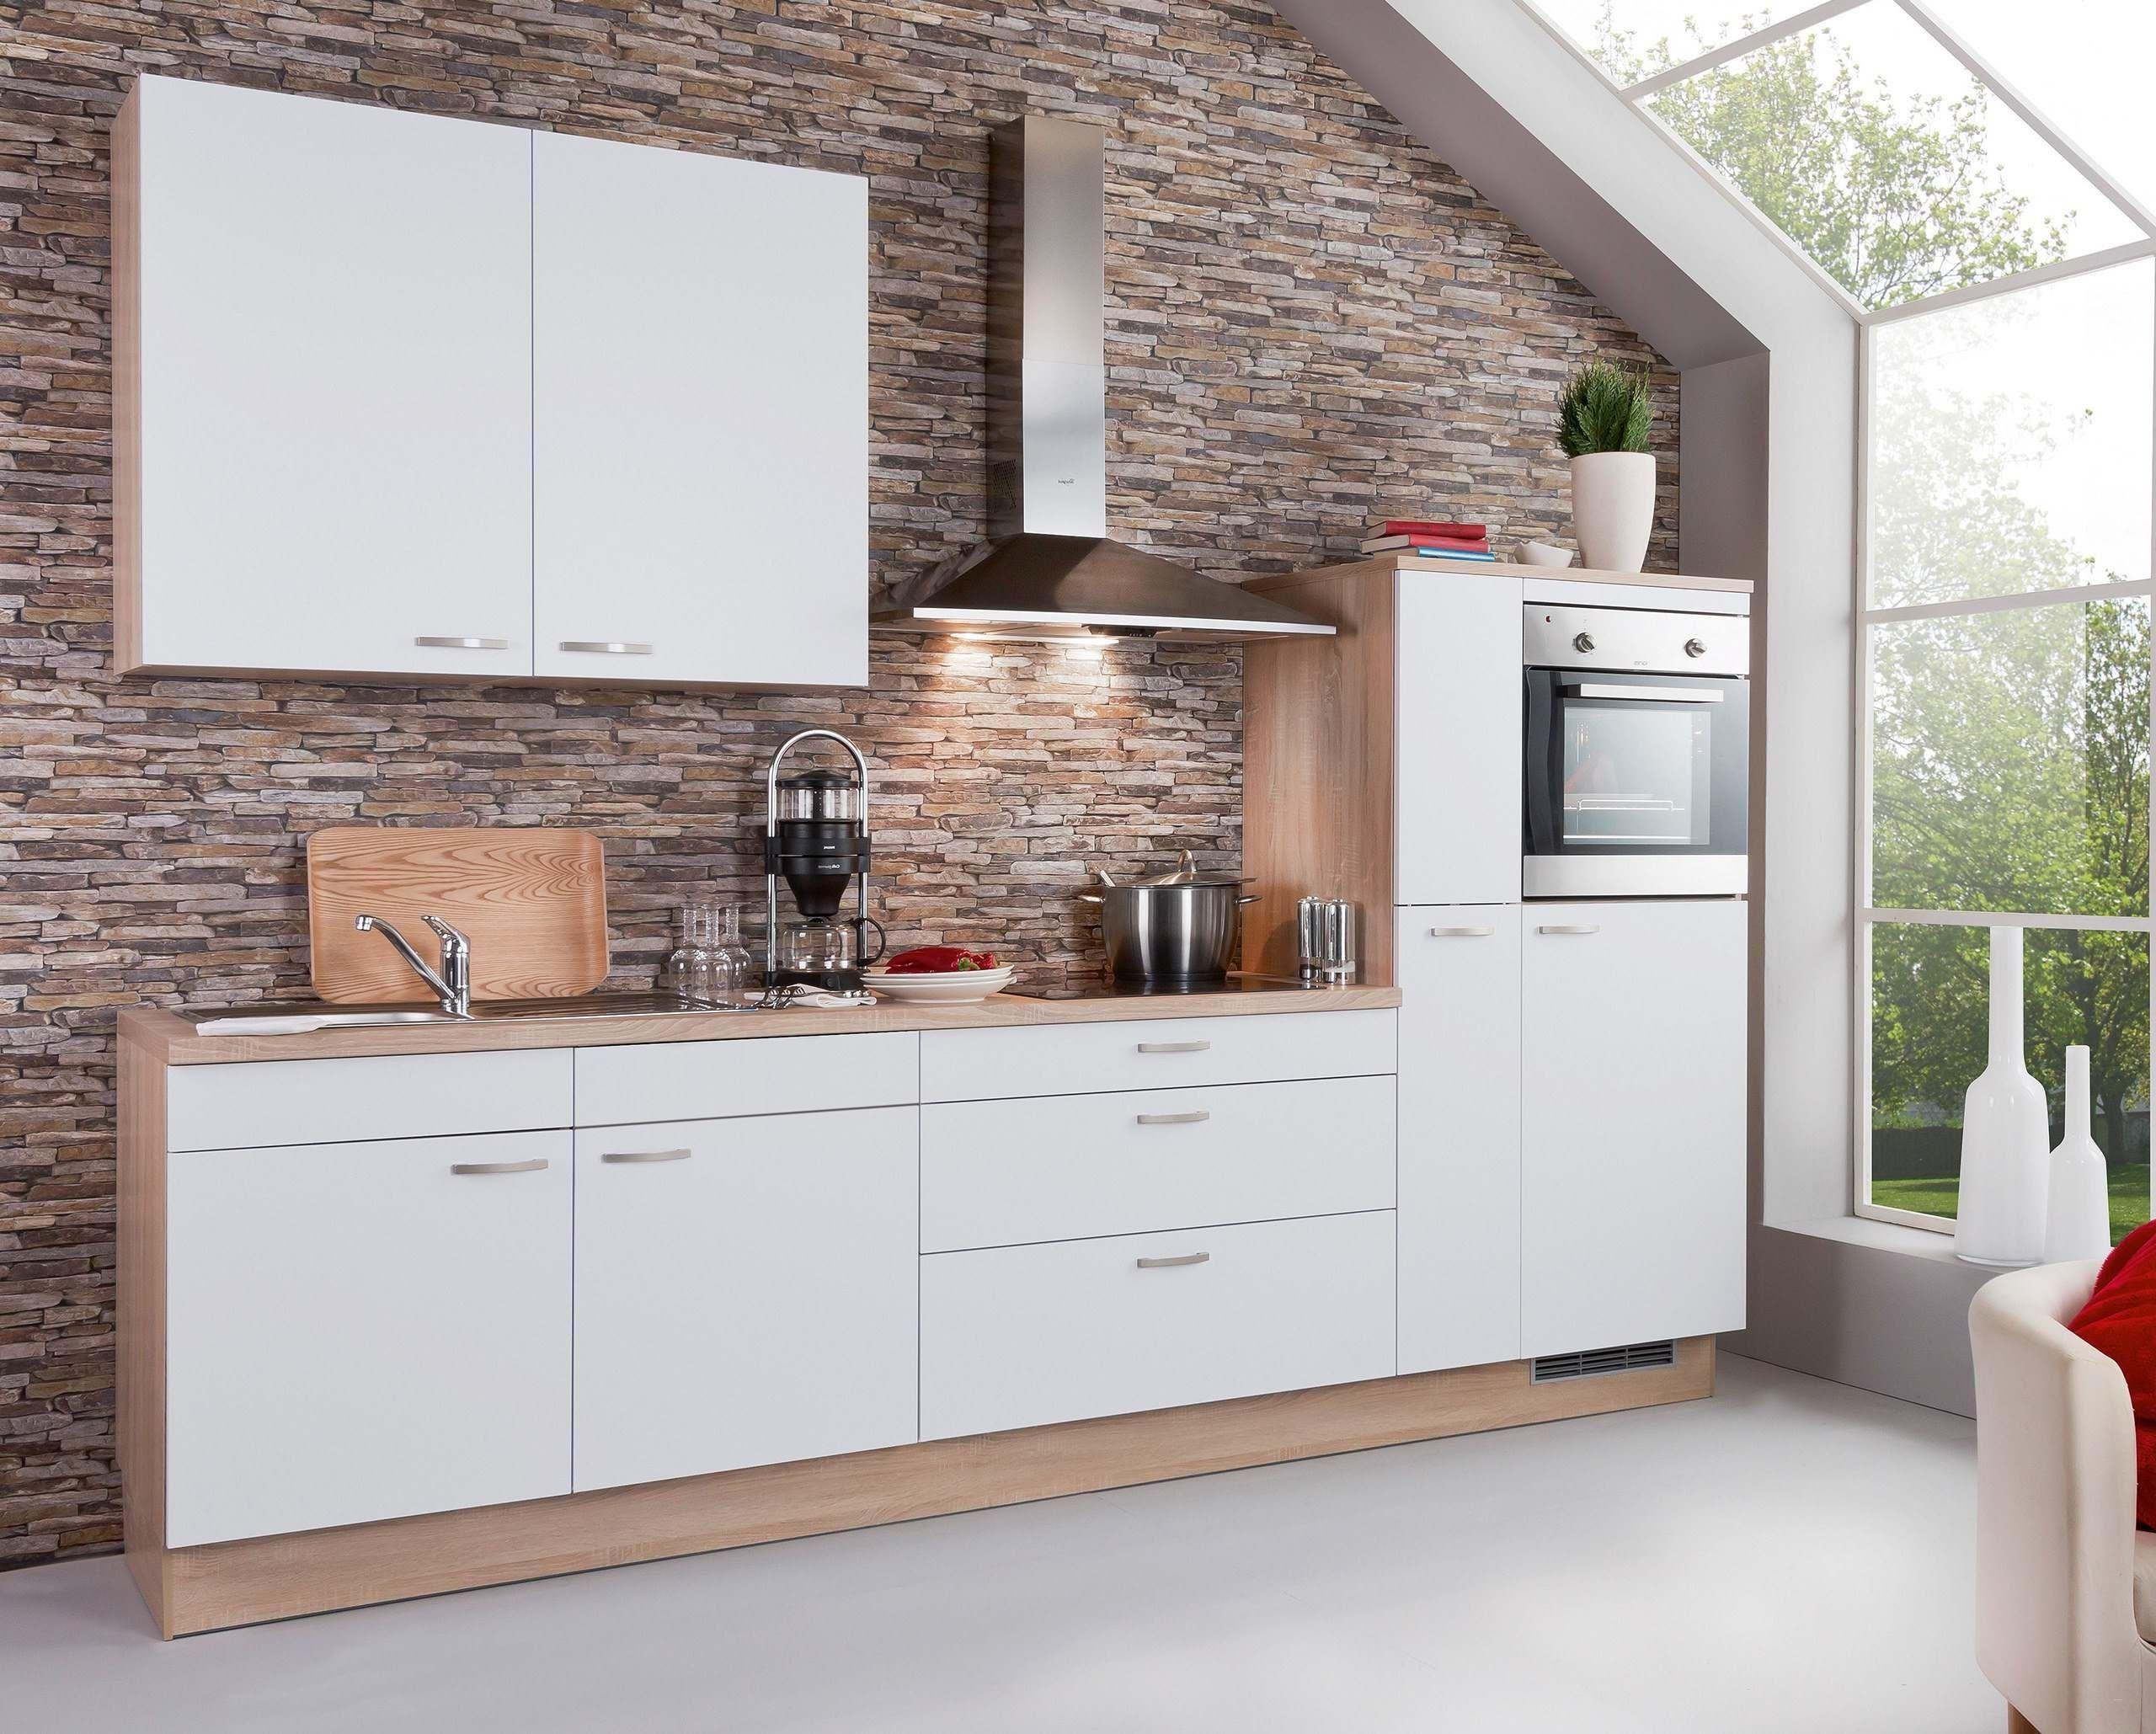 47 Inspirierend L Kuchenzeile Mit E Geraten Retro Kitchen Kitchen Kitchen Design